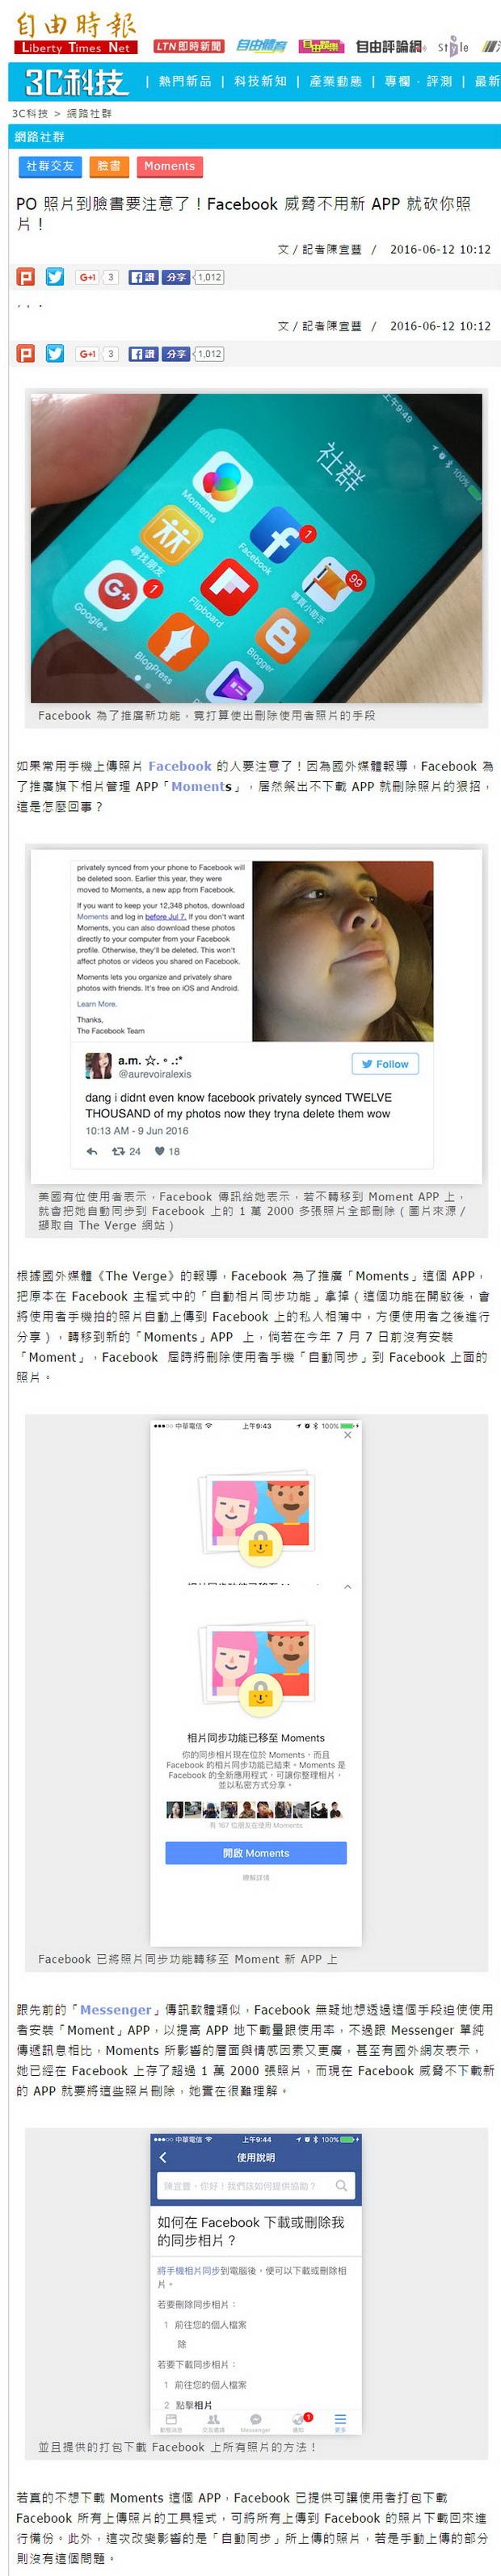 PO 照片到臉書要注意了!Facebook 威脅不用新 APP 就砍你照片!-2016.06.12.jpg